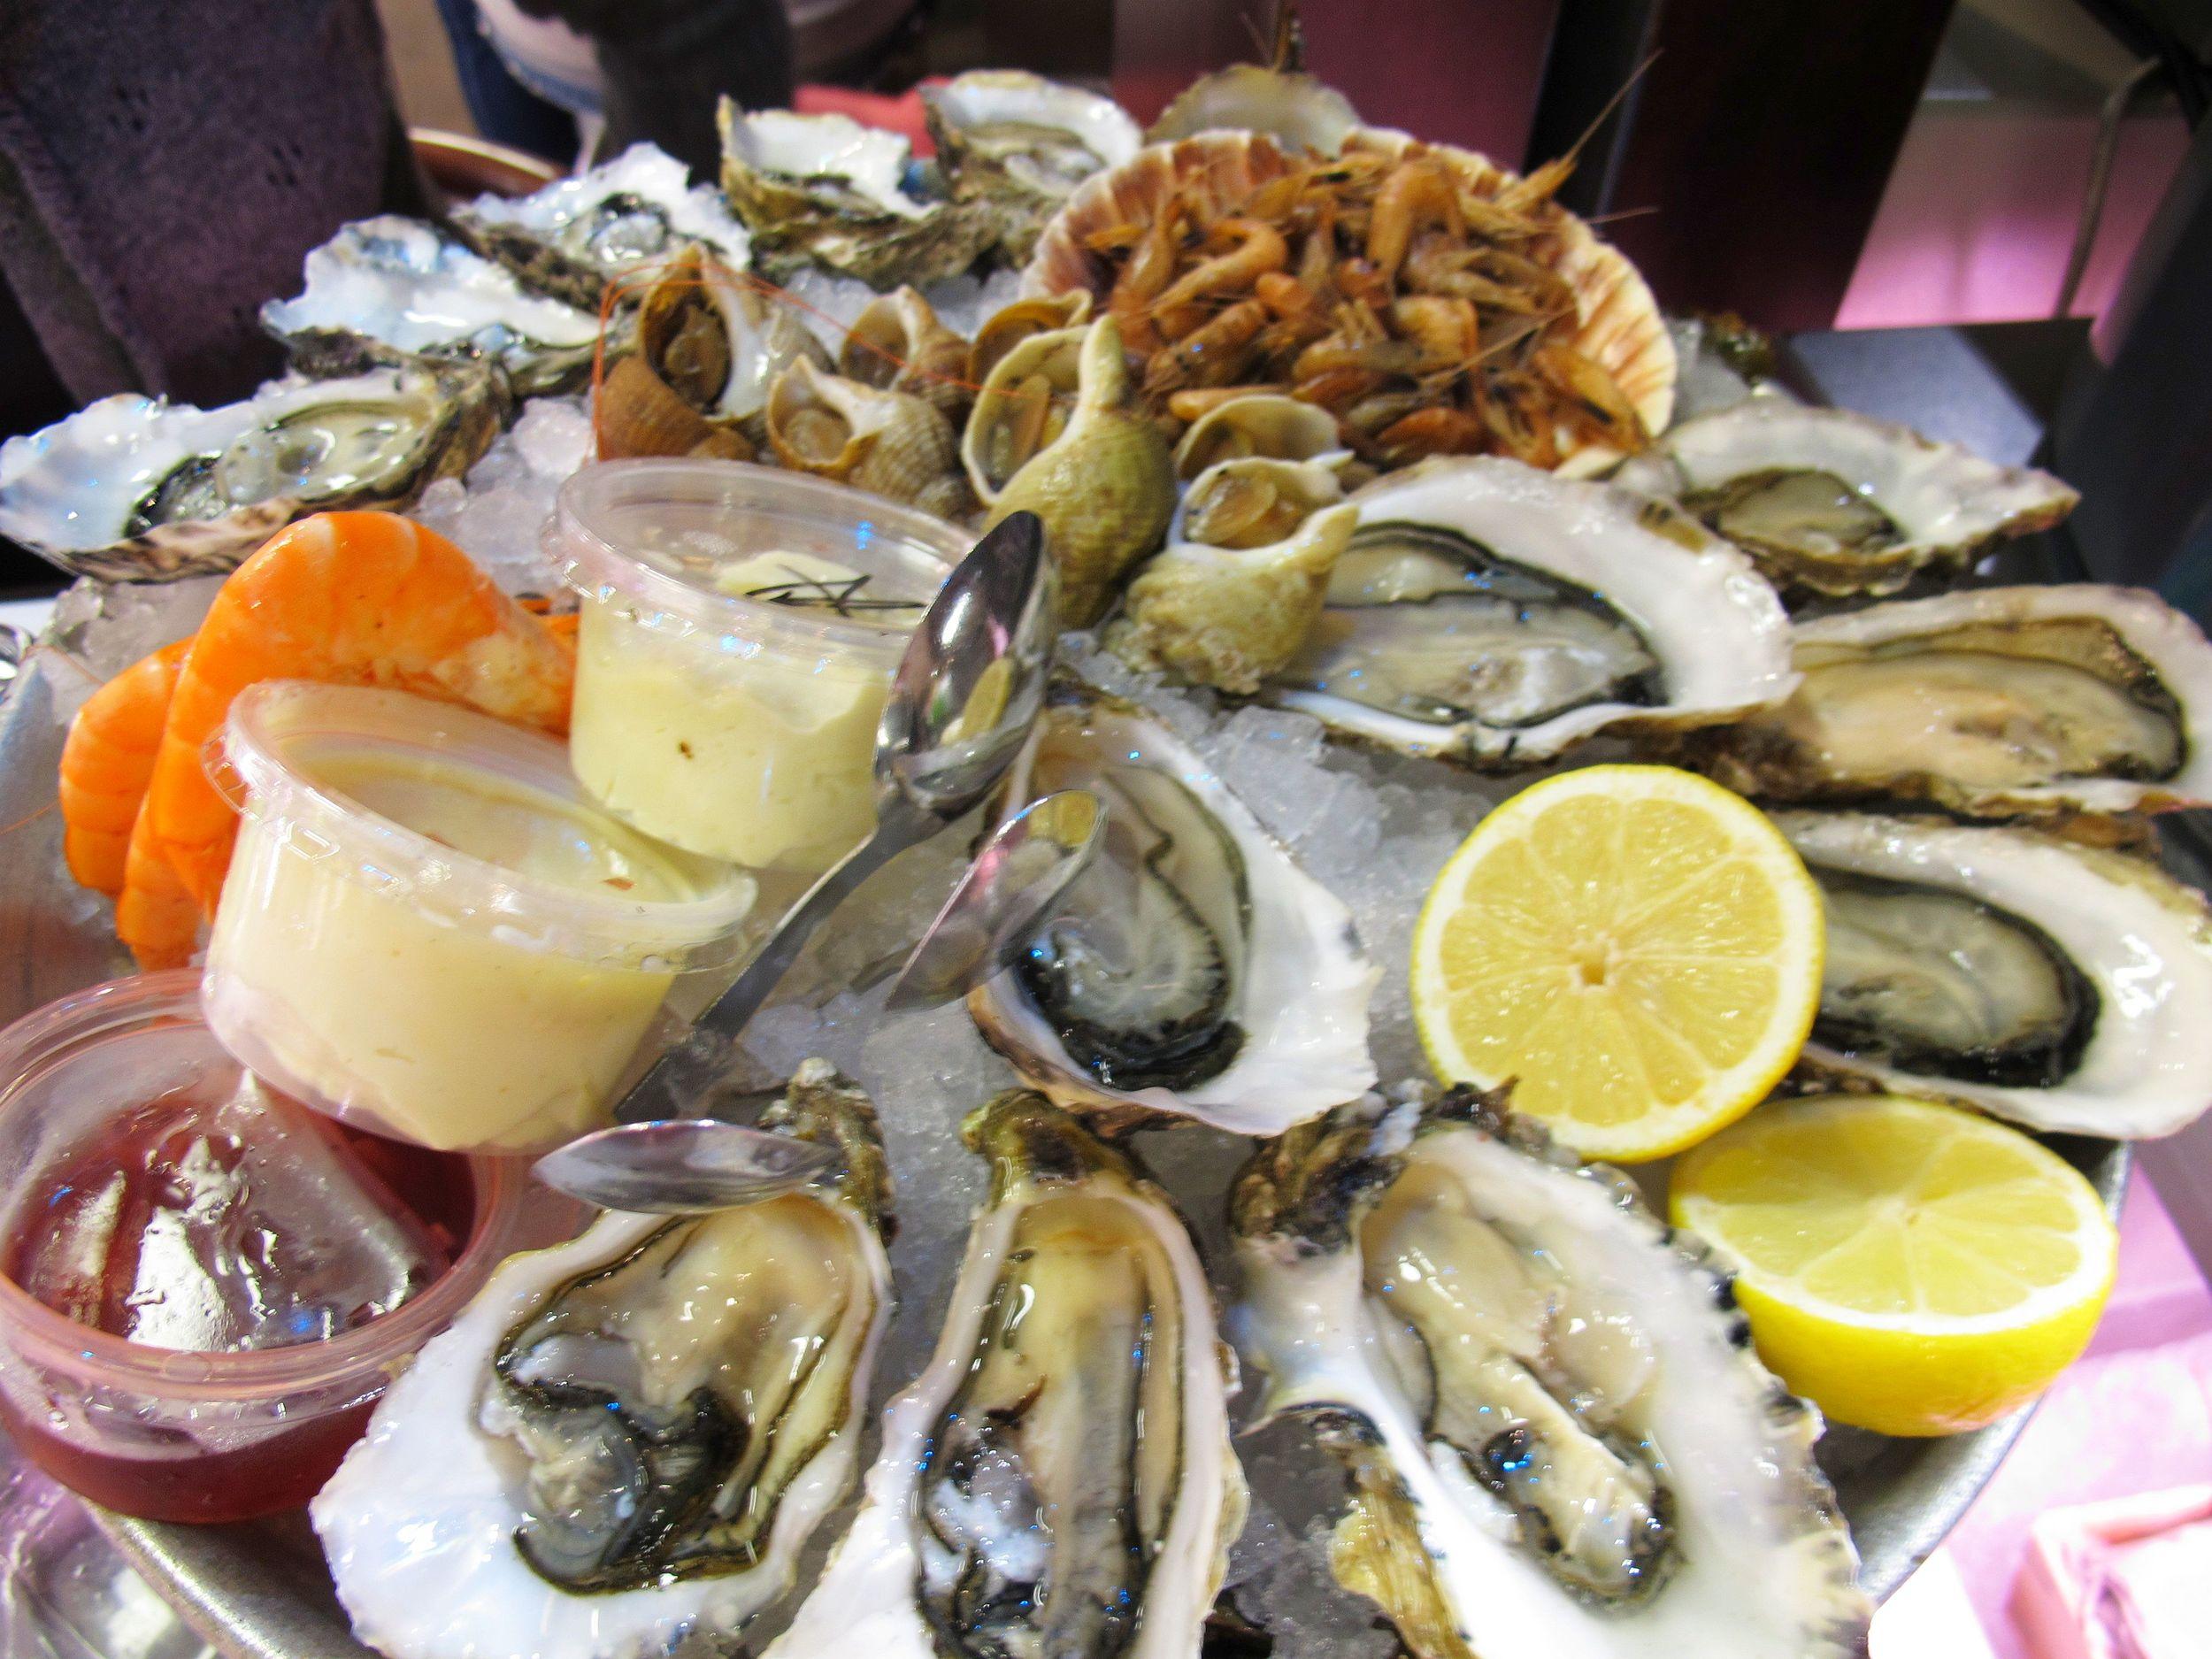 m seafood.jpg